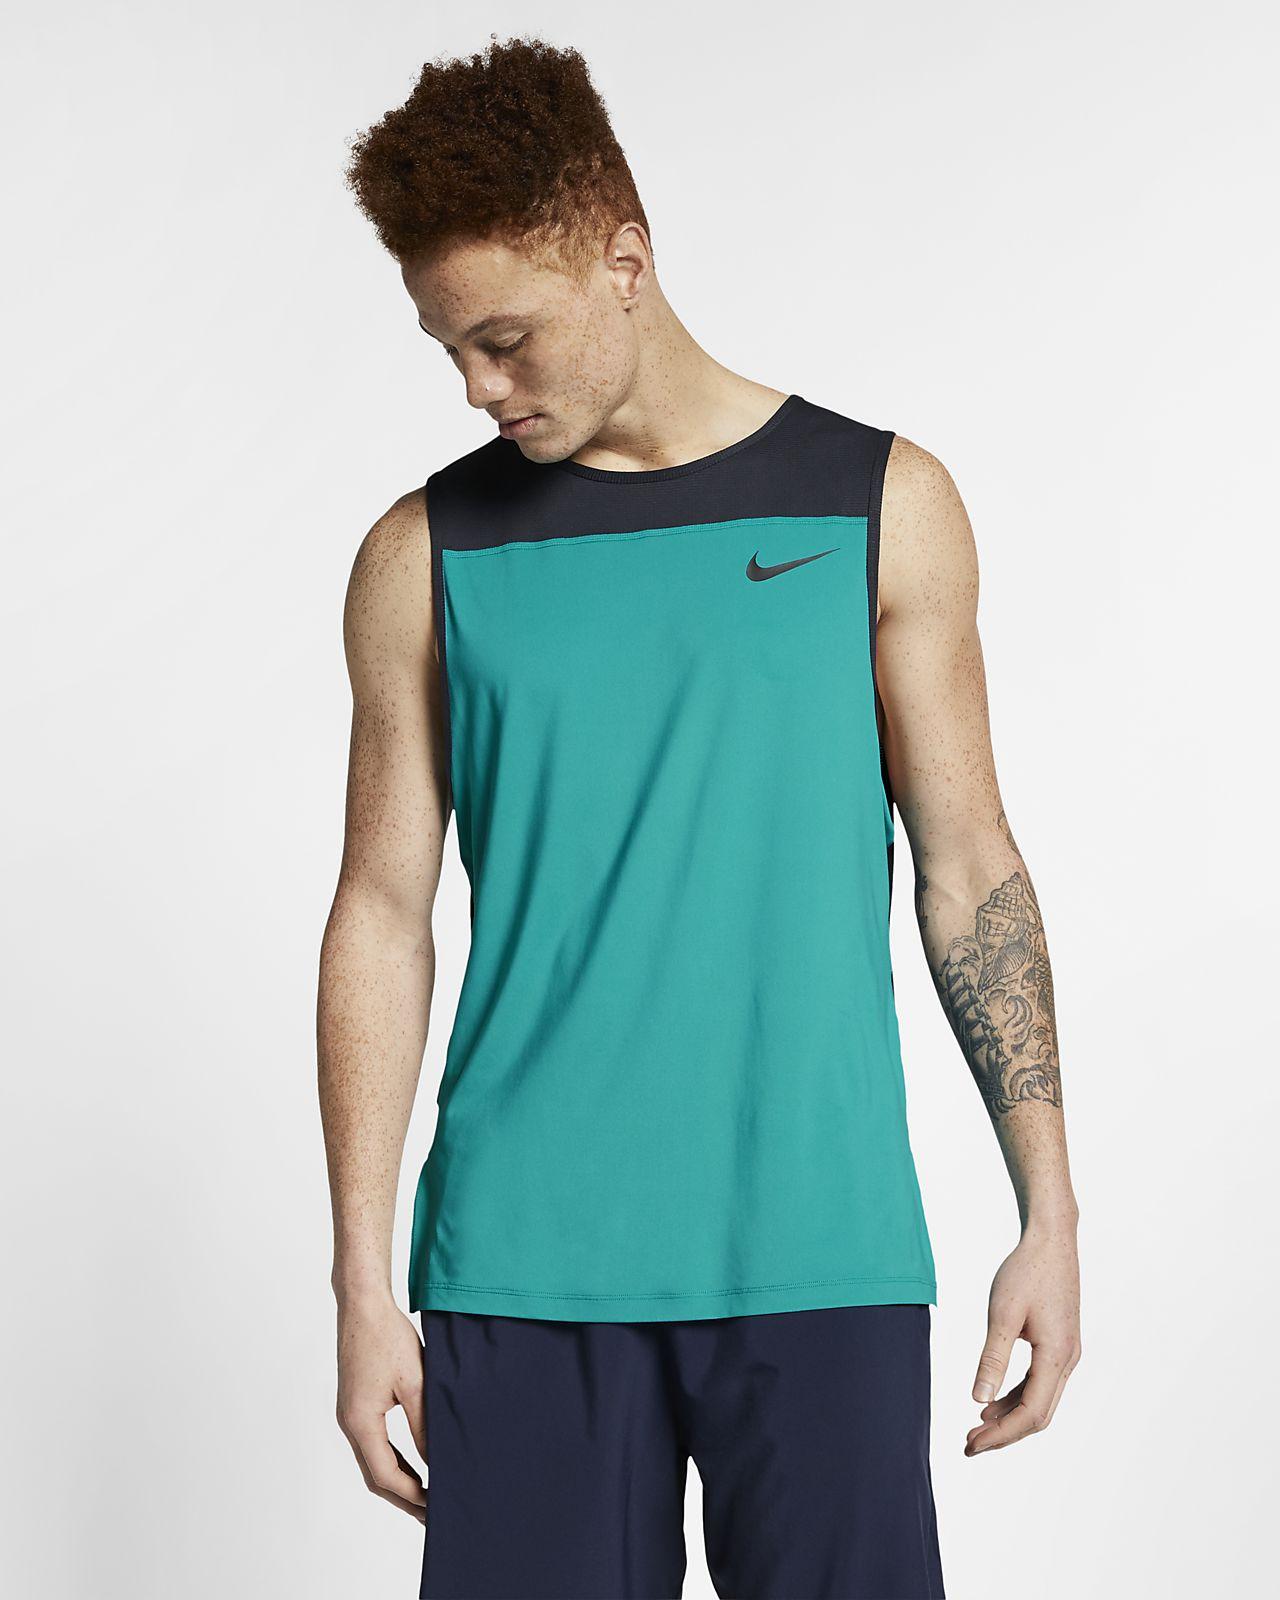 Canotta Nike Pro - Uomo